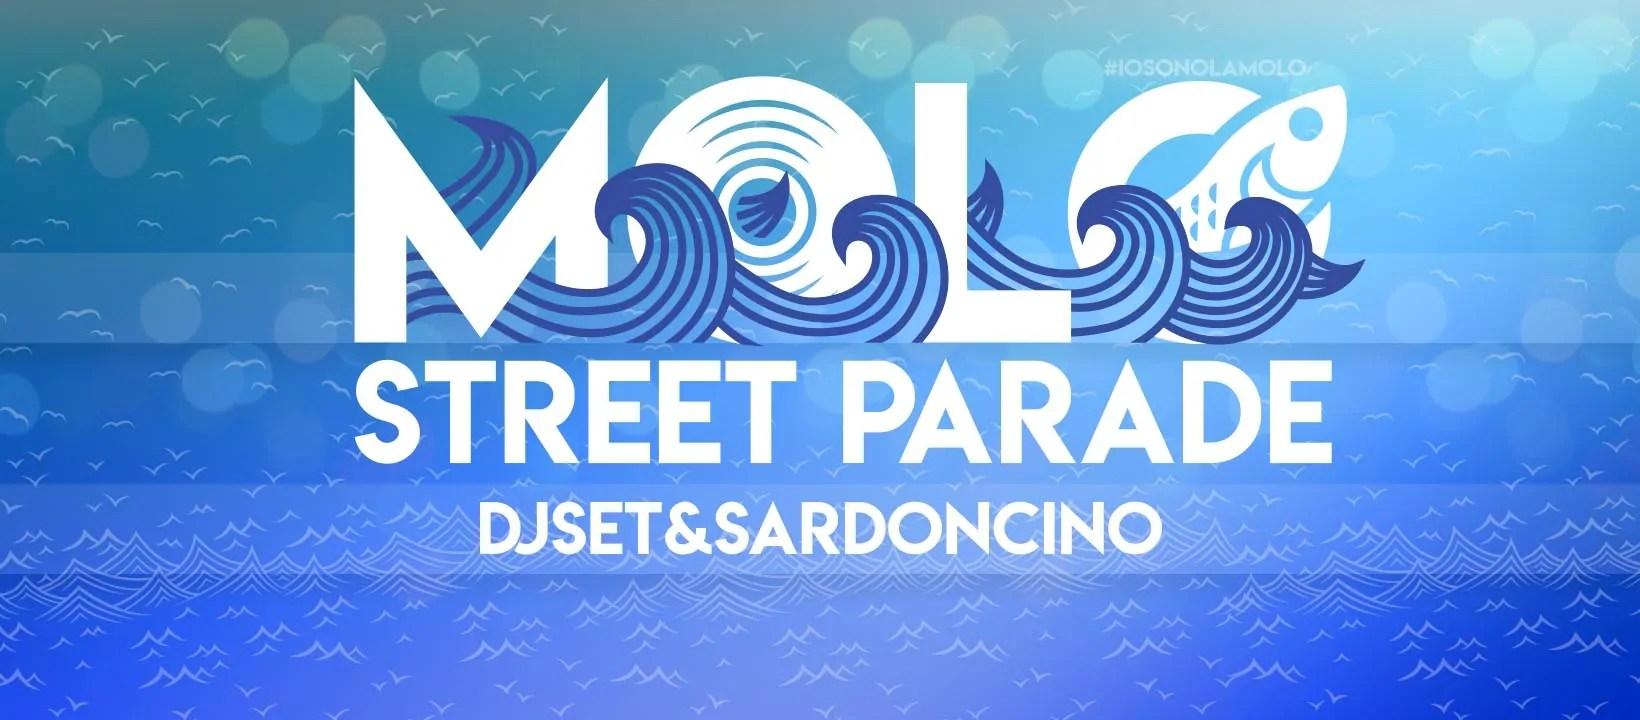 Molo street Parade 2019 Rimini la Data, il programma degli Eventi e i pacchetti Hotel